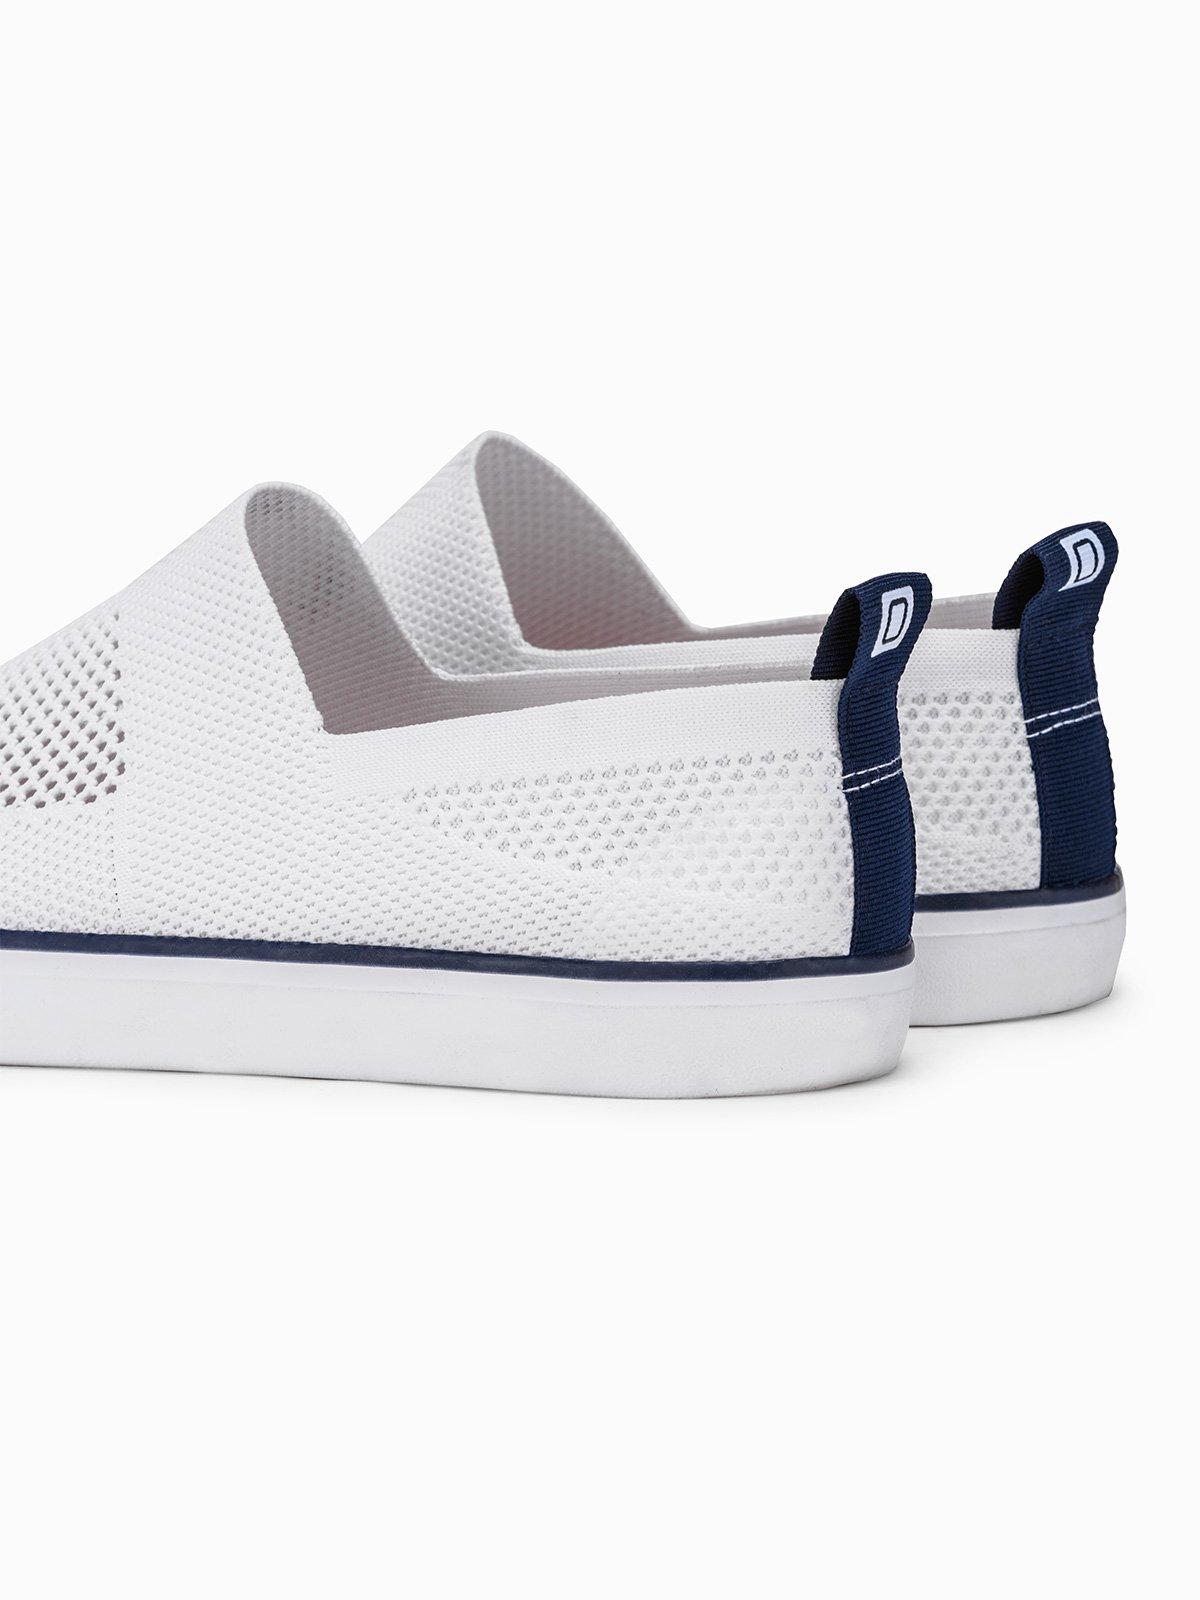 Men's slip on trainers T308 - white